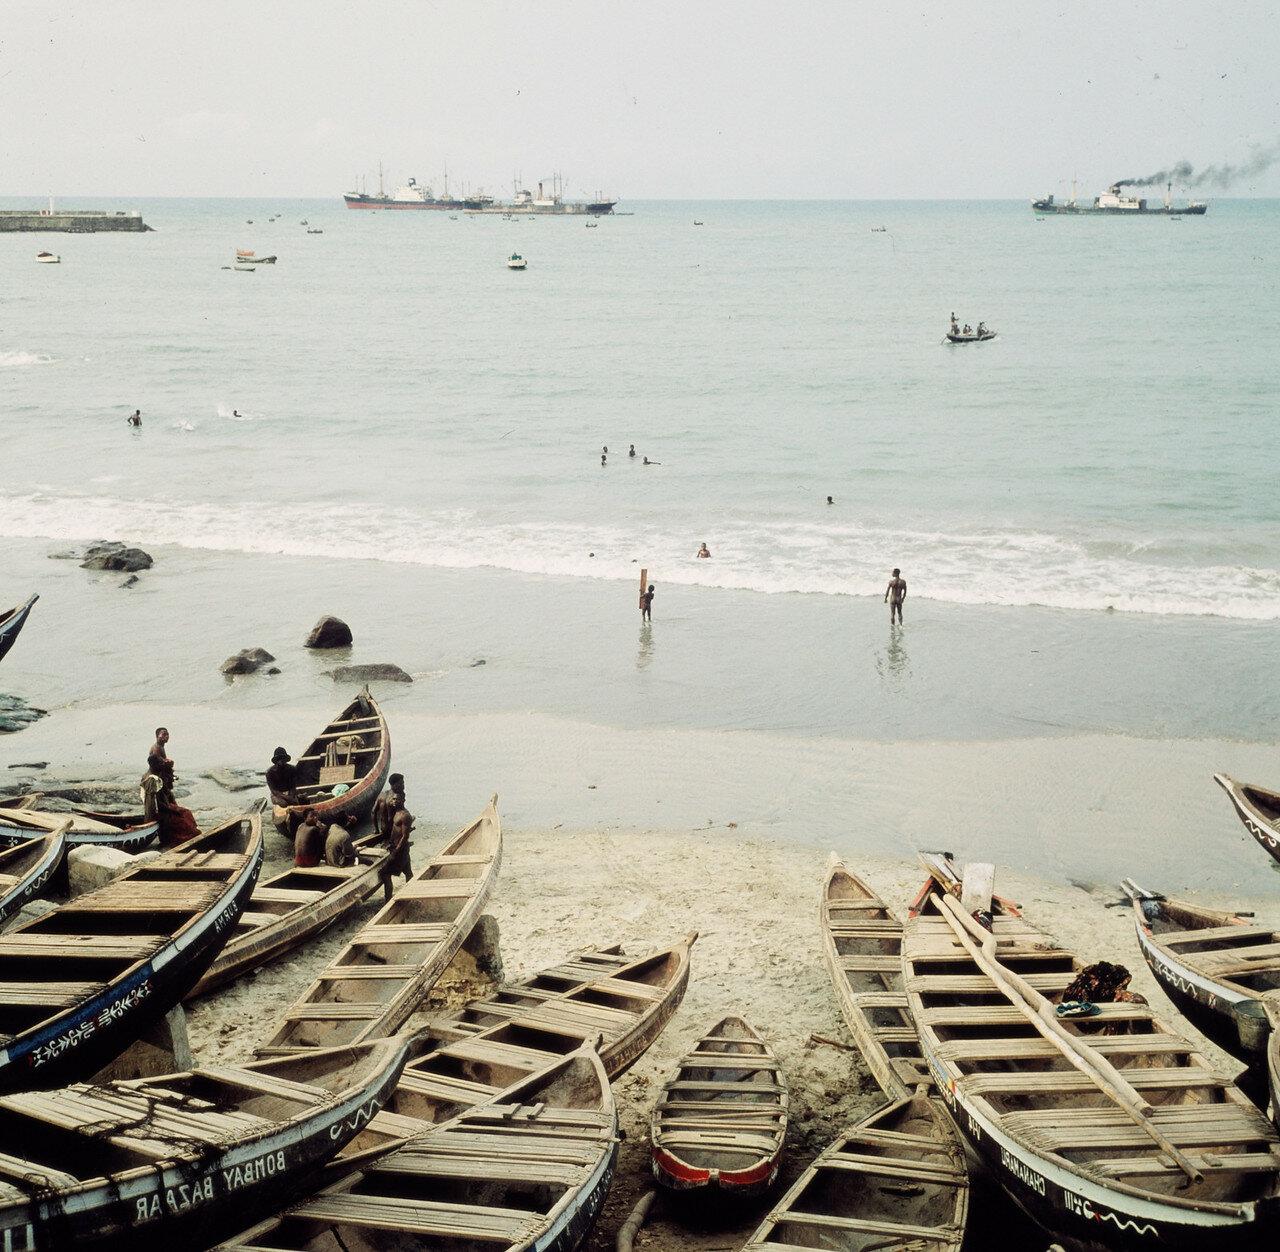 Прибойные шлюпки на берегу. На заднем плане грузовые суда, стоящие на якоре, 12 апреля